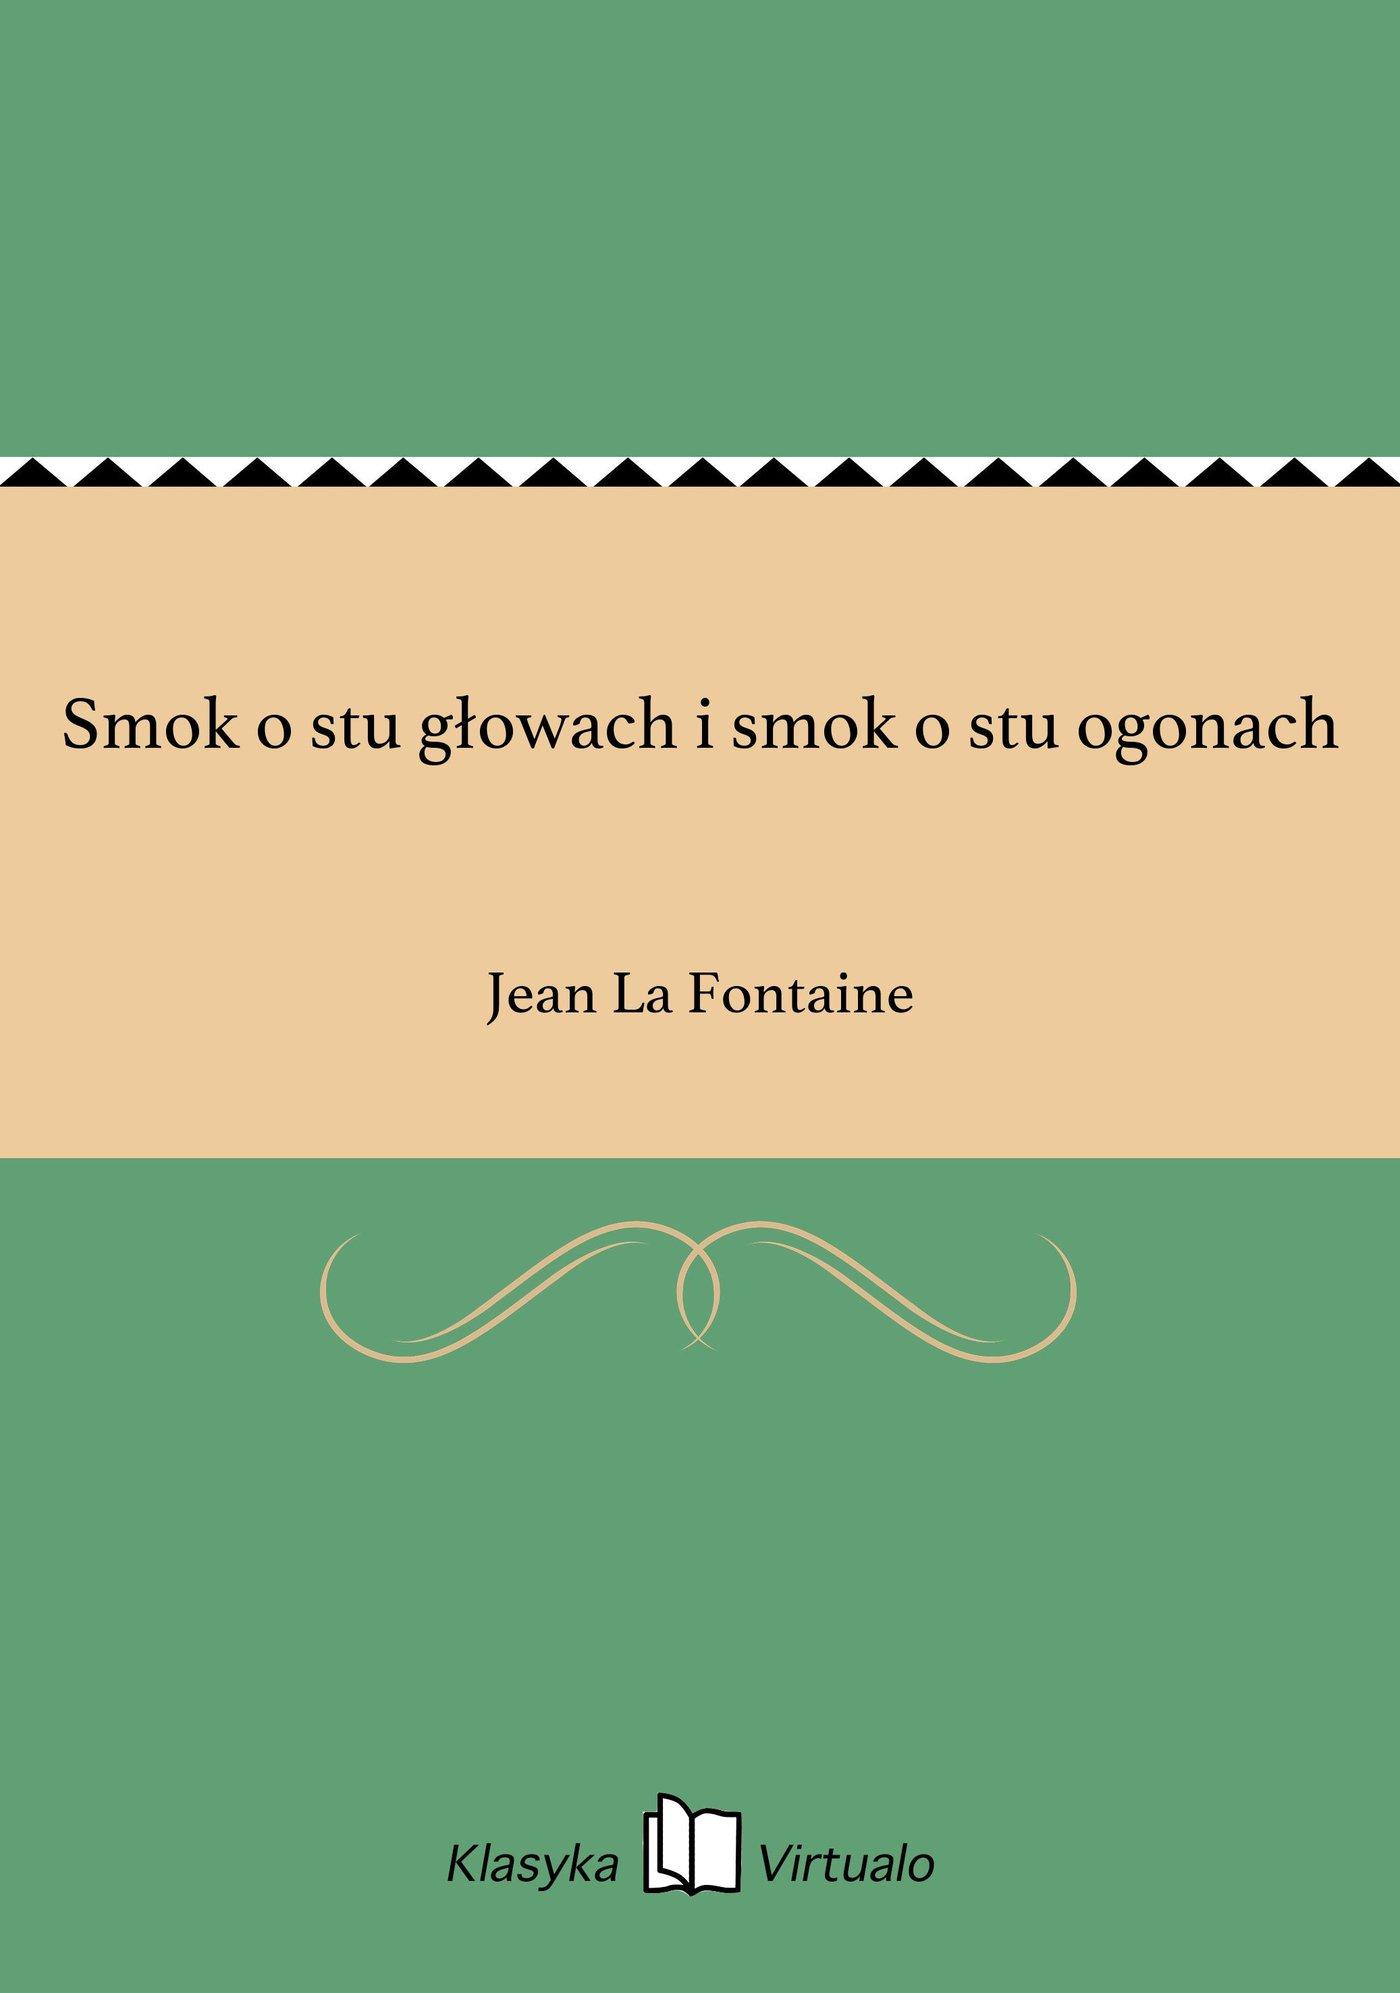 Smok o stu głowach i smok o stu ogonach - Ebook (Książka na Kindle) do pobrania w formacie MOBI